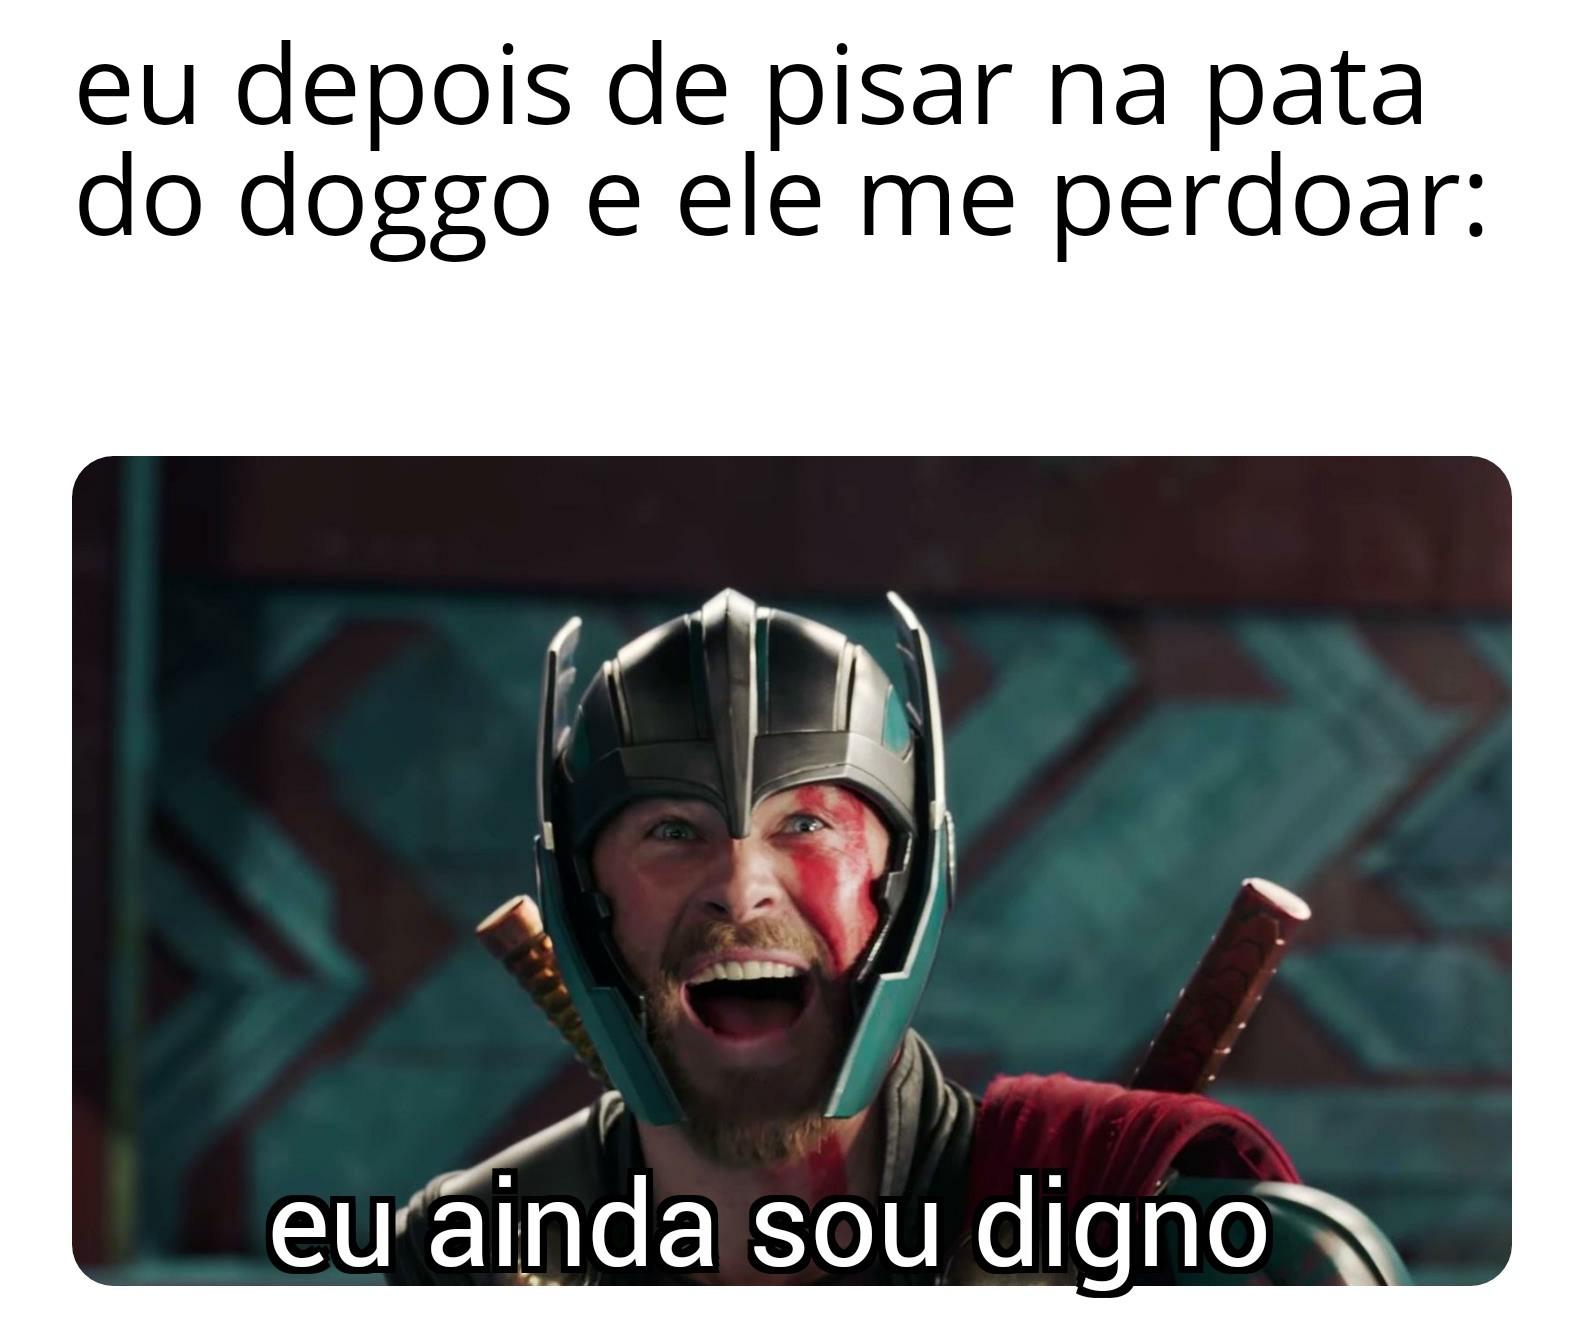 Thordolitrão.rar - meme